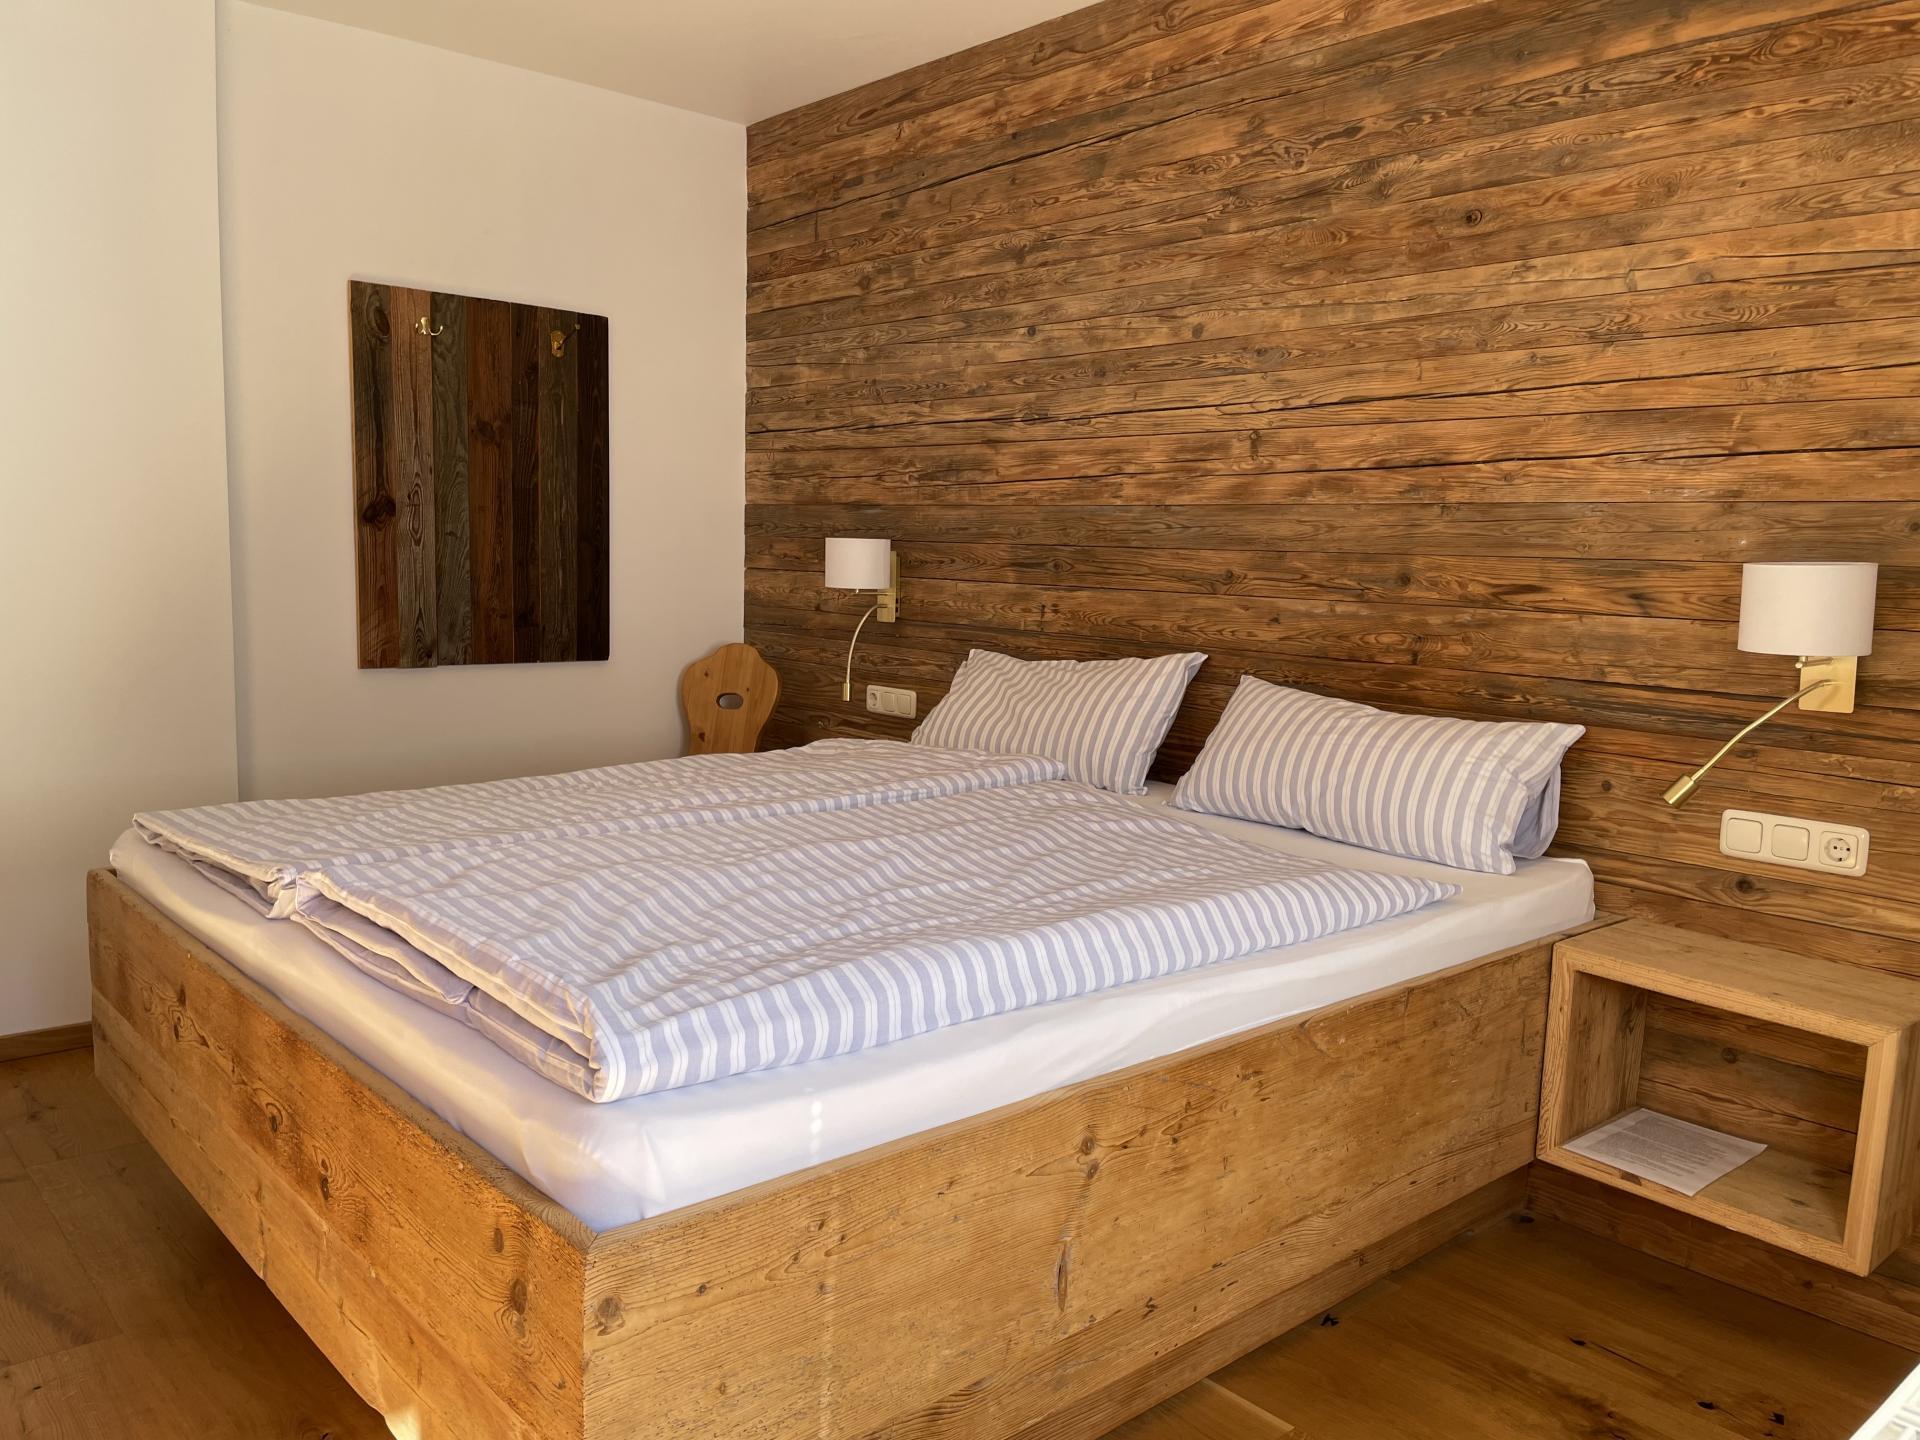 HAUS ERIKA apartments #Wohneinheiten#Bildergalerie#Sitemap